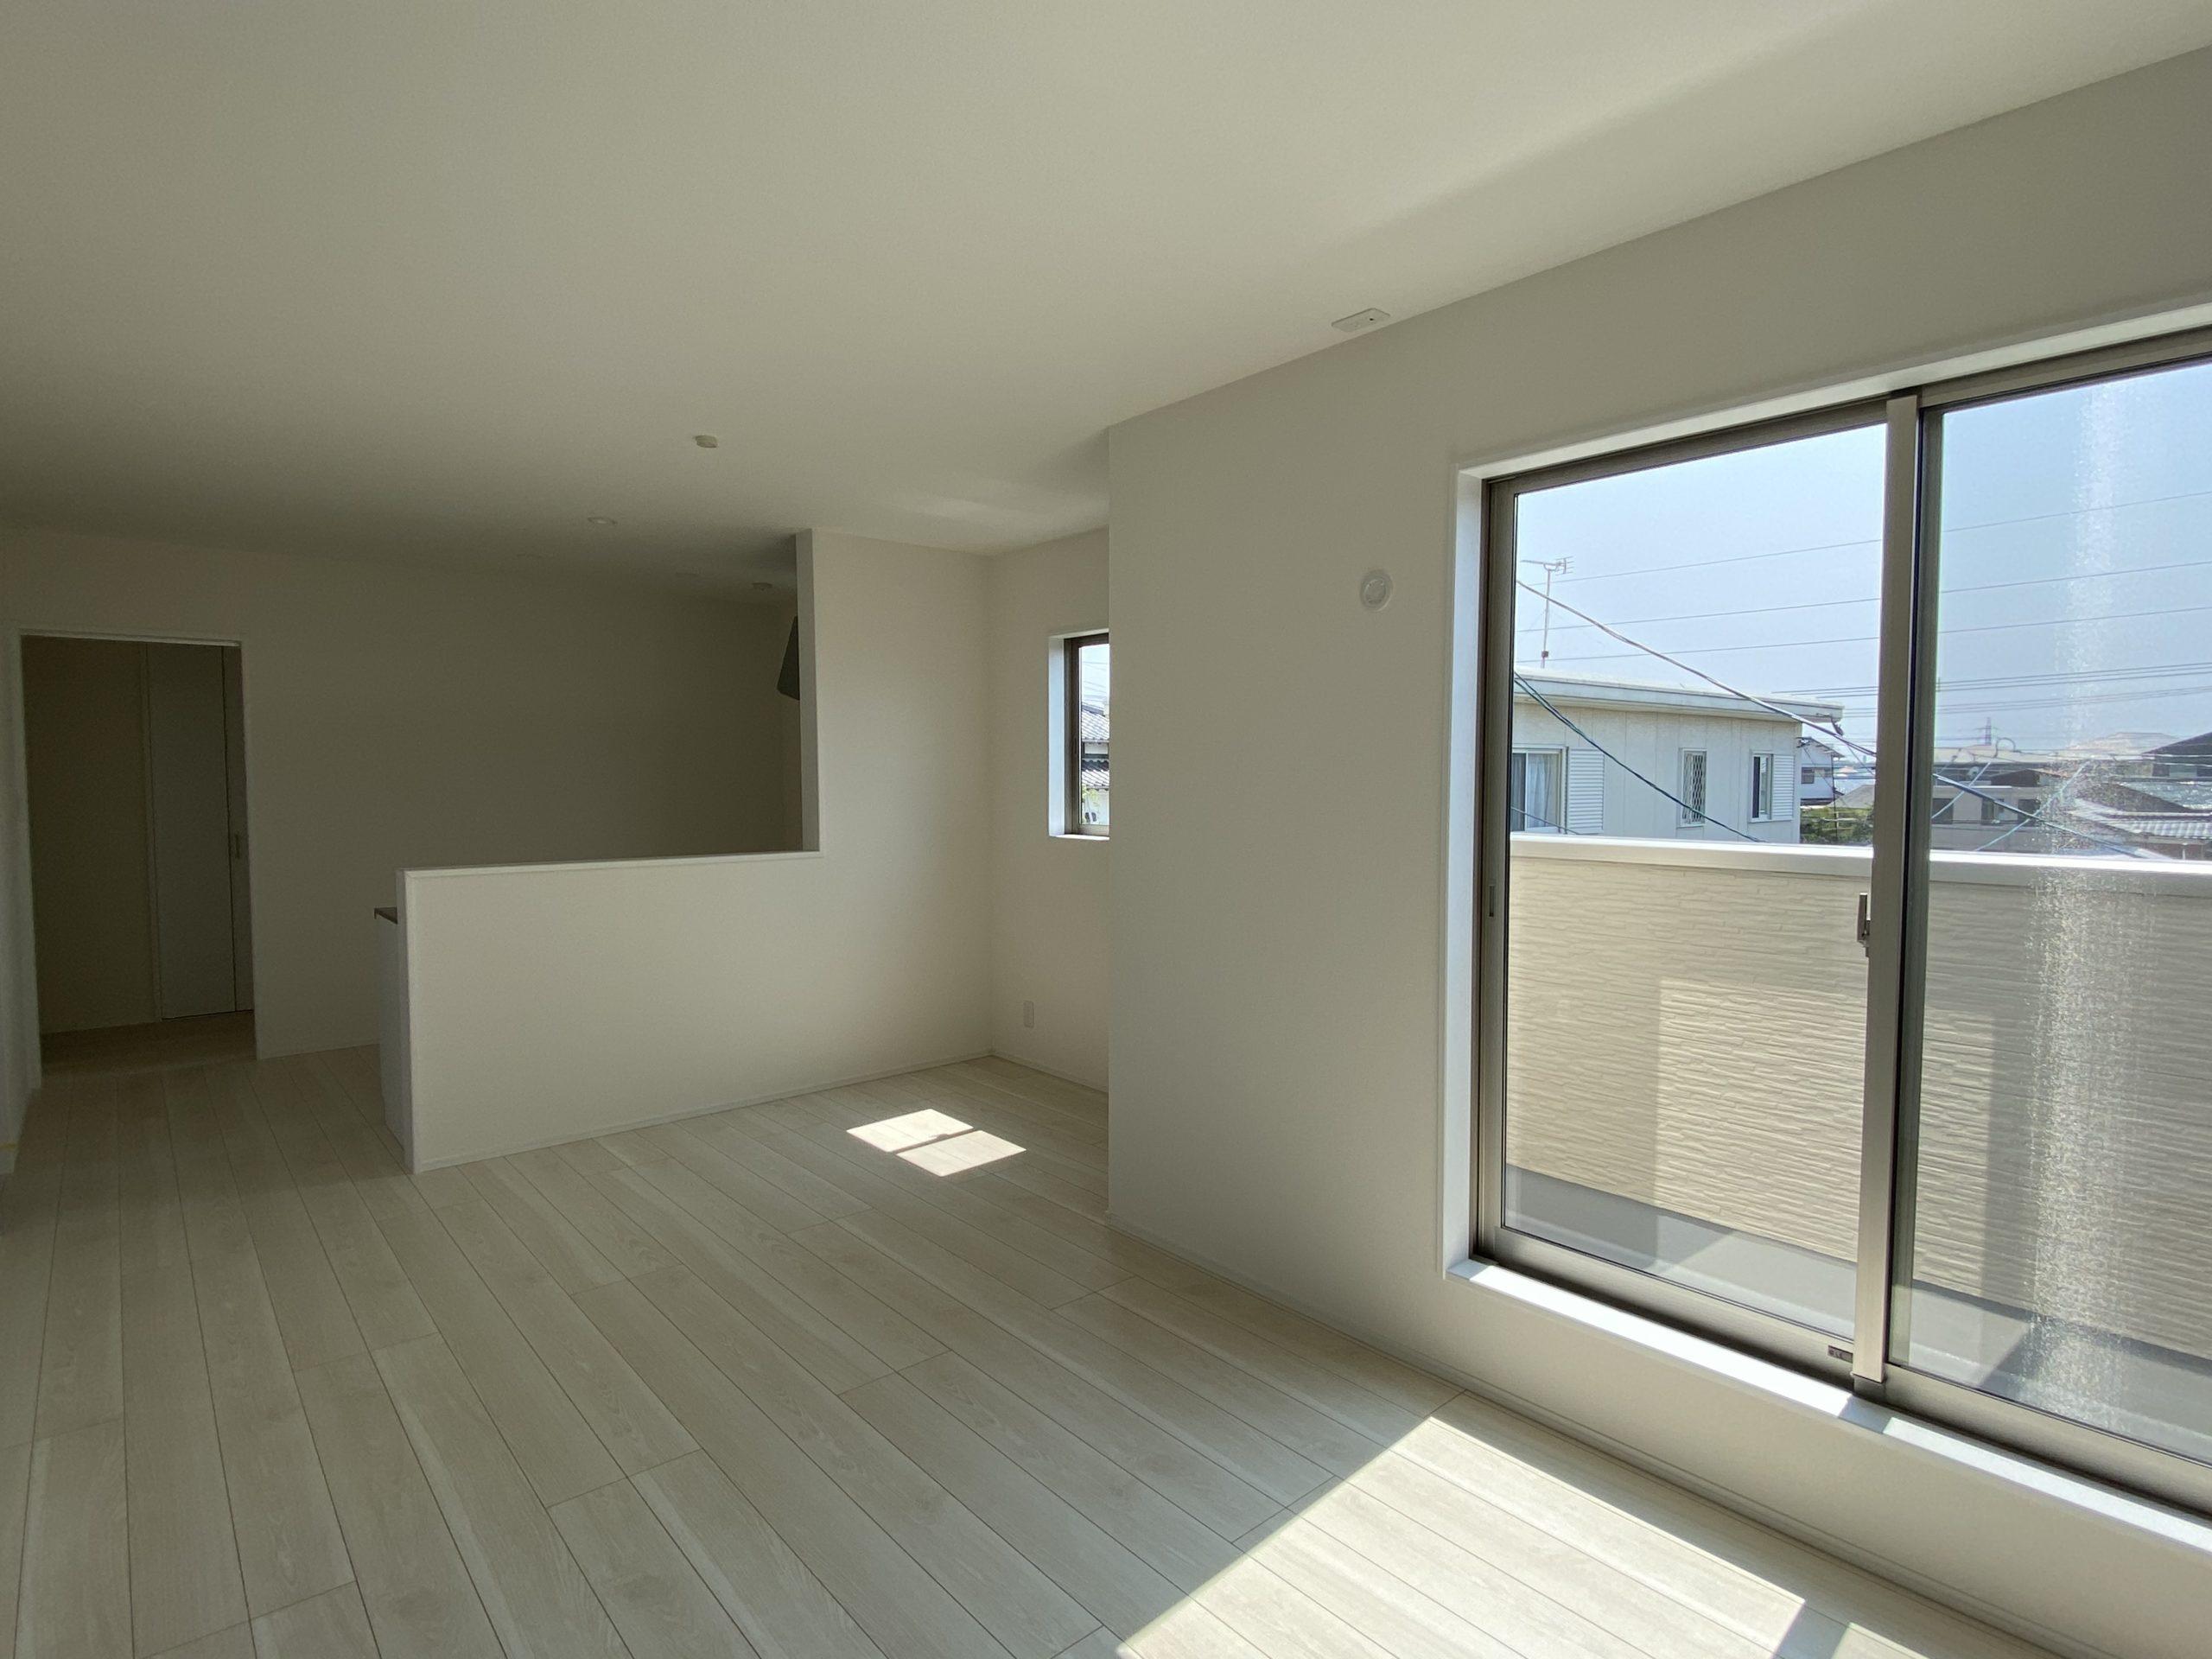 新築アパート残り1部屋です!